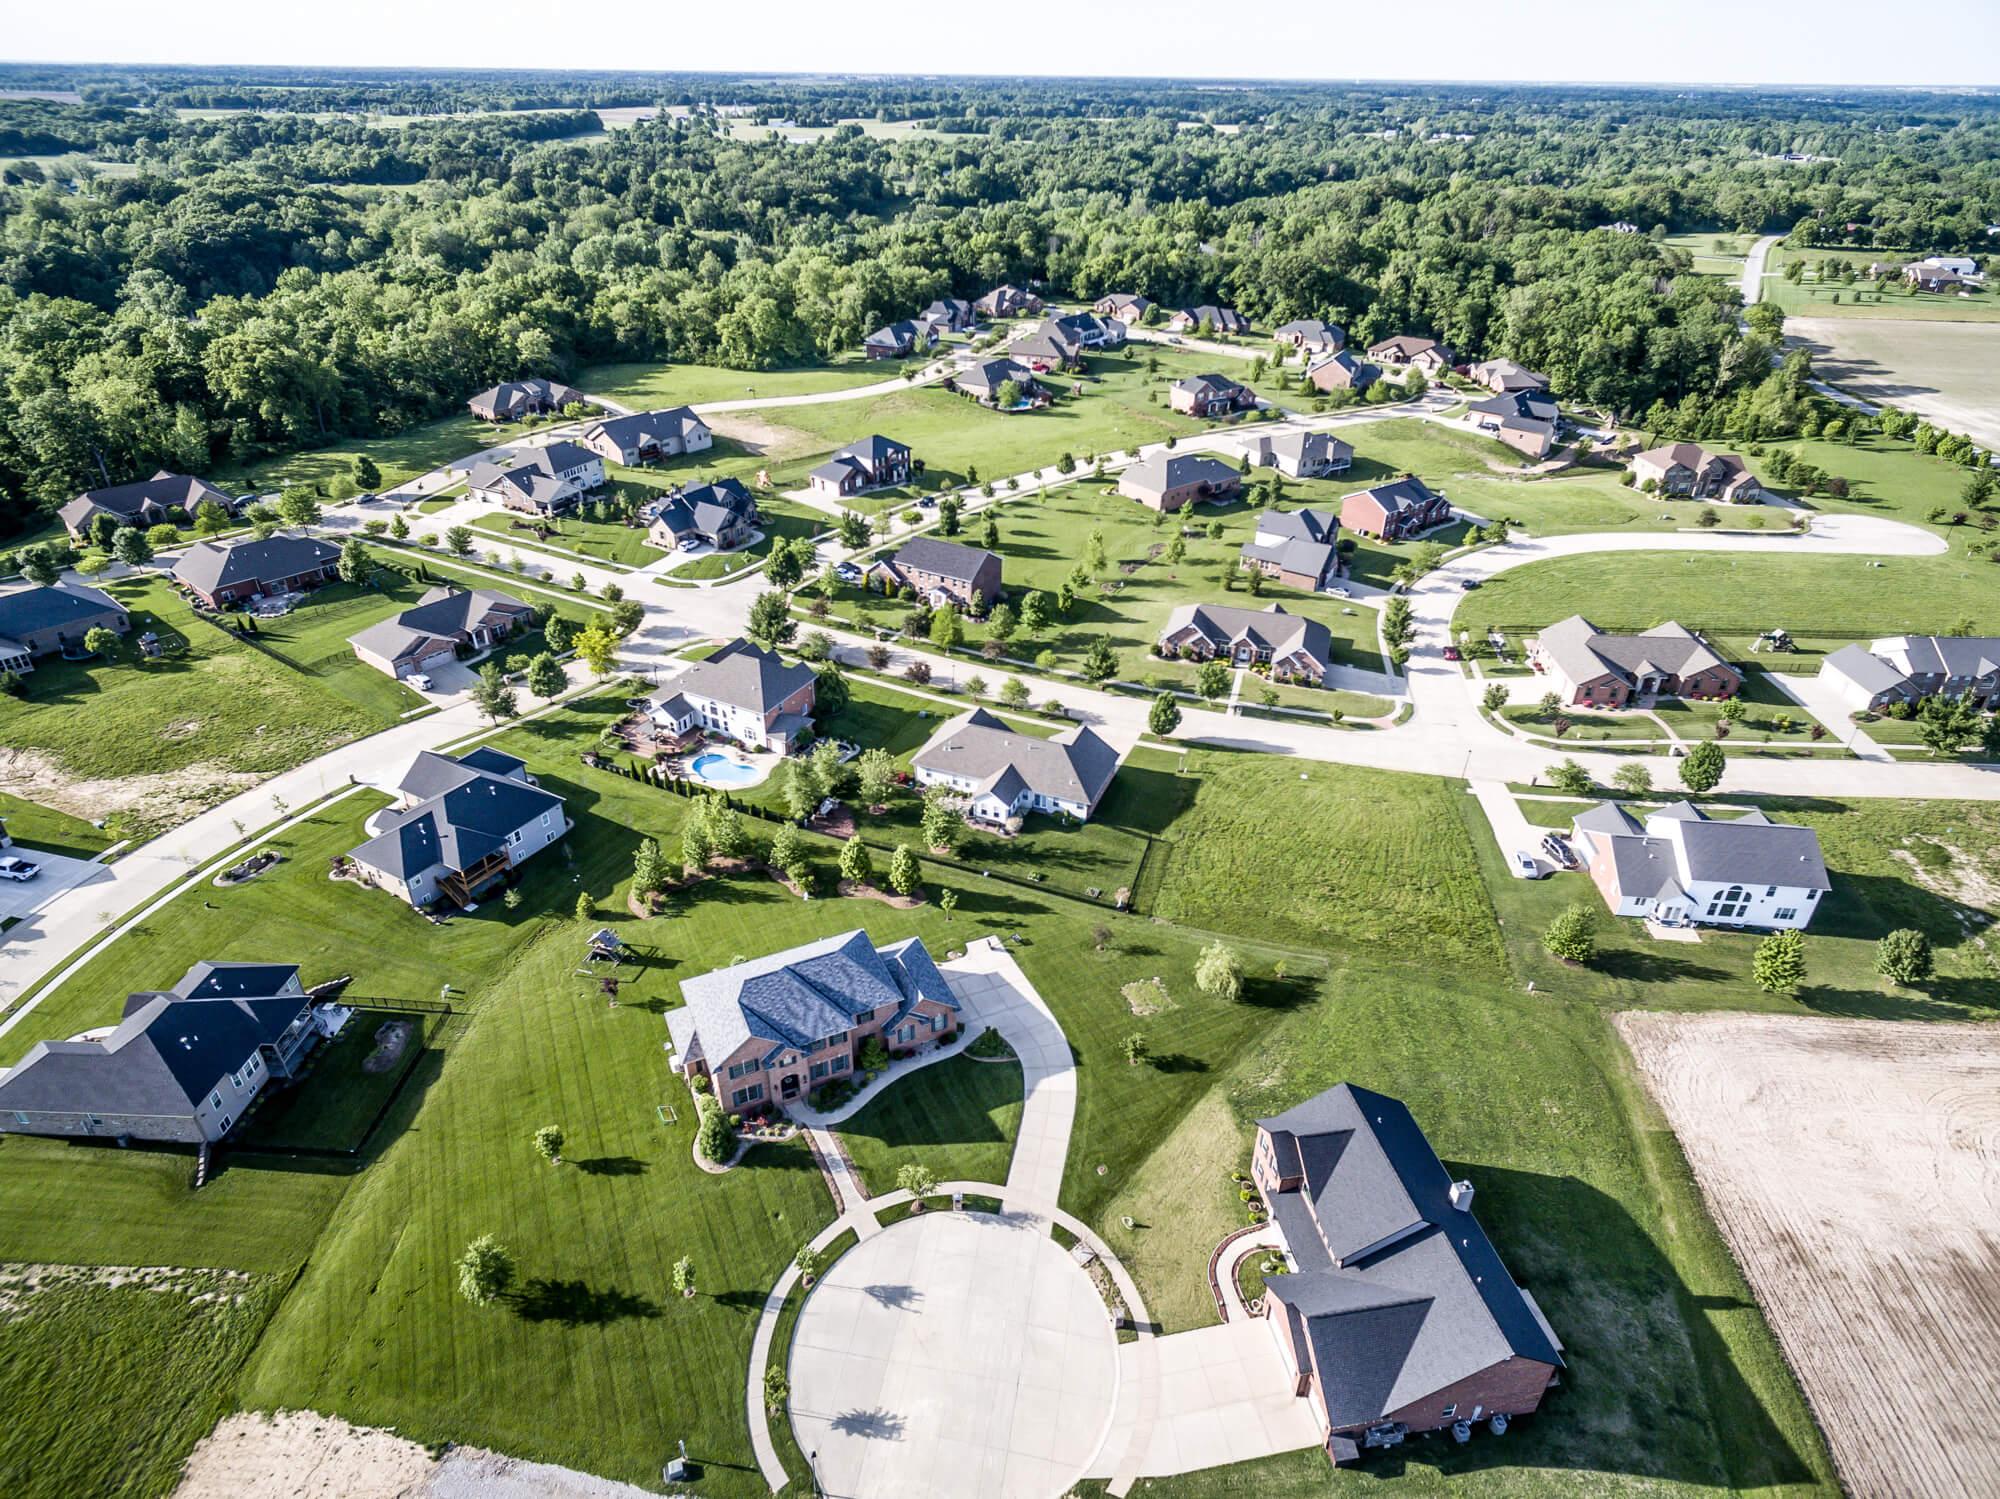 Cobblestone_Ridge_O'Fallon_Illinois_Aerials_1-3.jpg